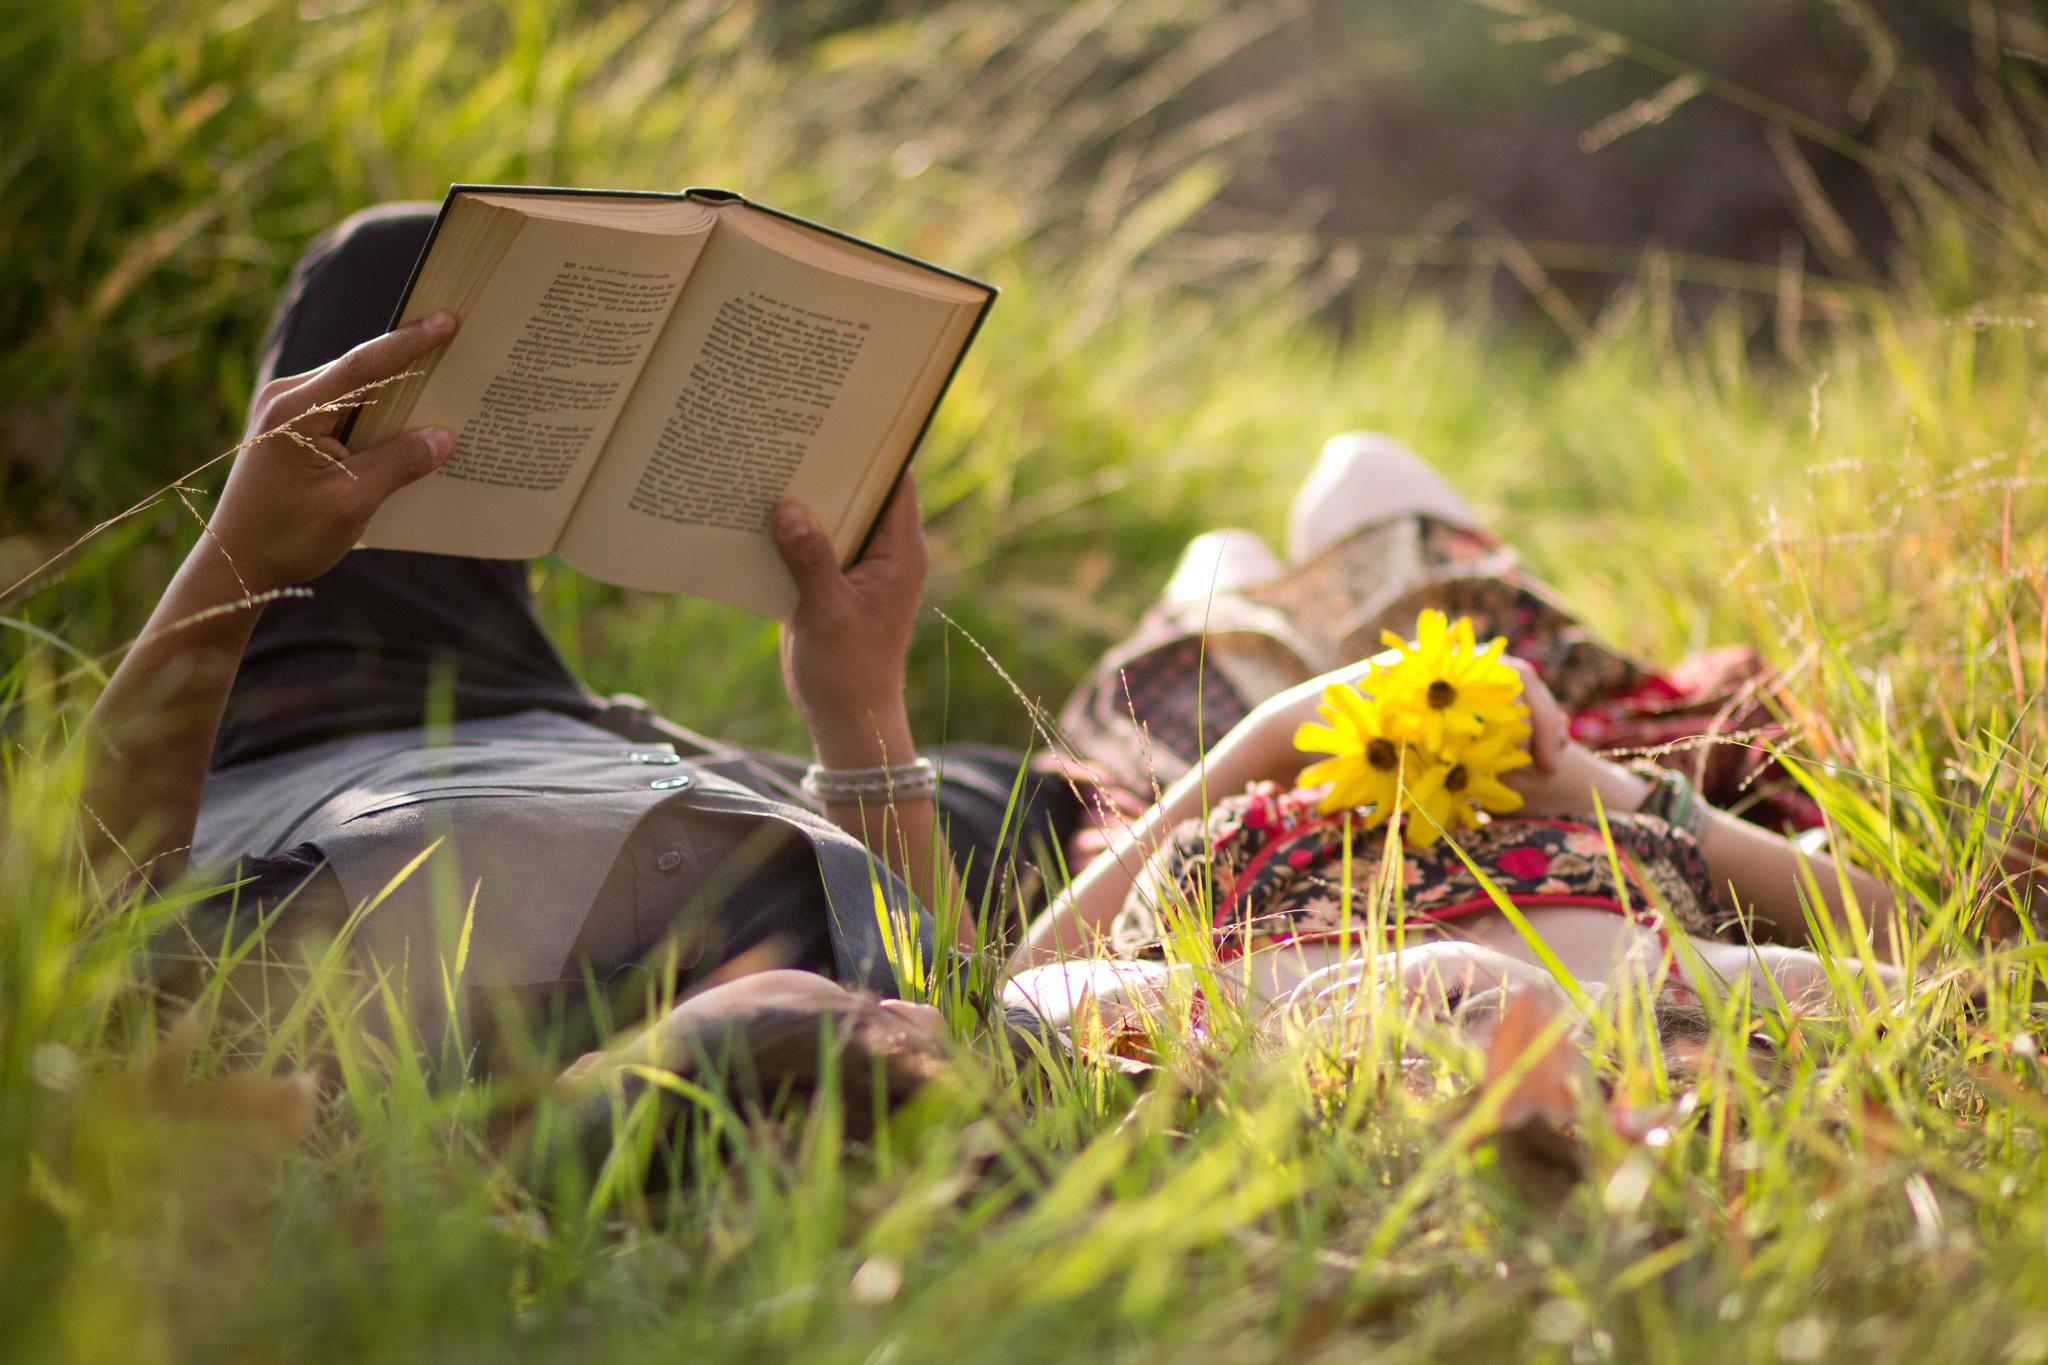 Девушка с книгой на траве загрузить